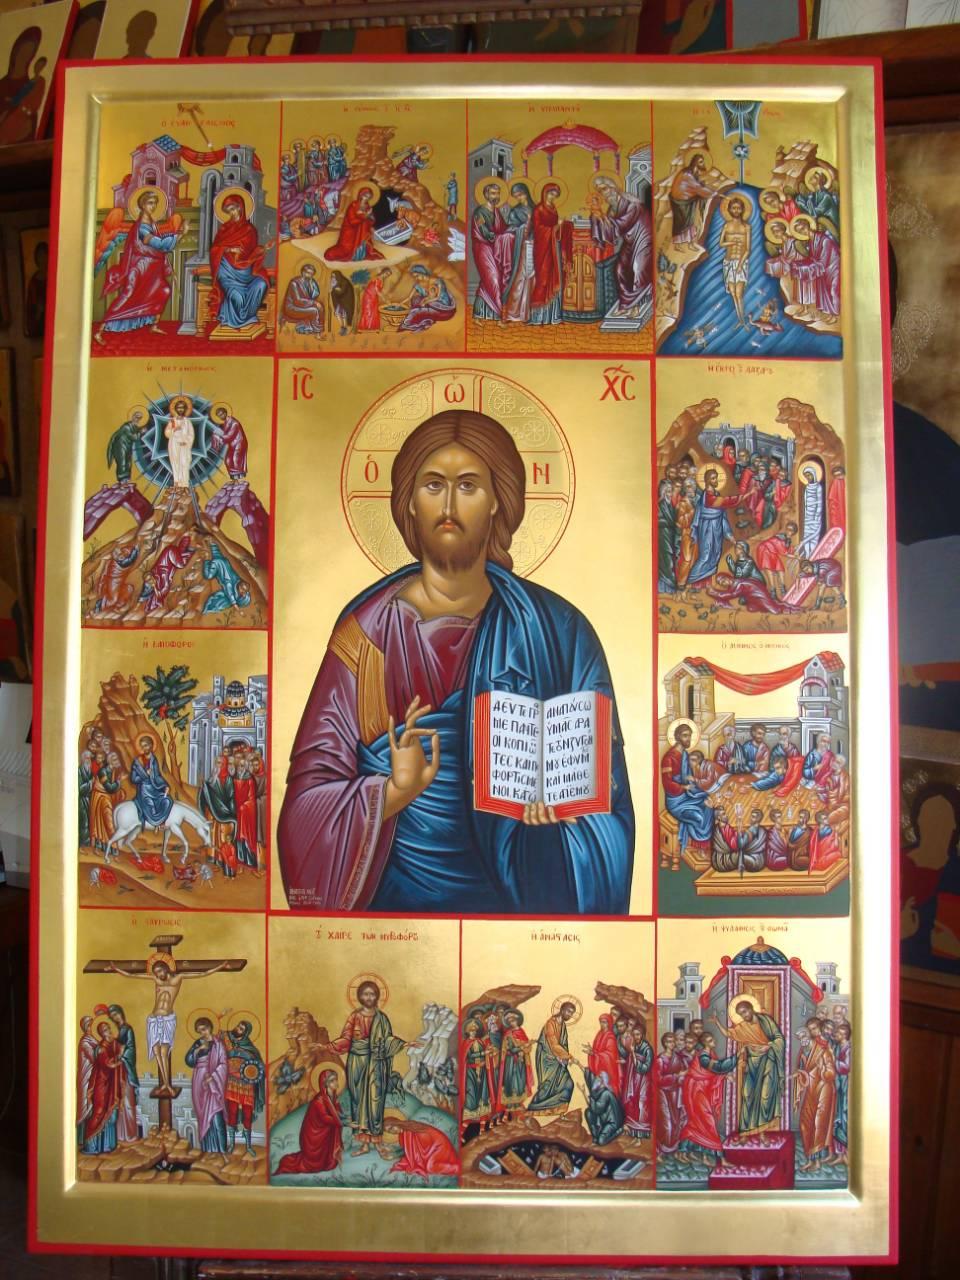 Βυζαντιν Αγιογραφα-Τοιχογραφα Δια Χειρς Βασιλεου & Περικλ Συρμη